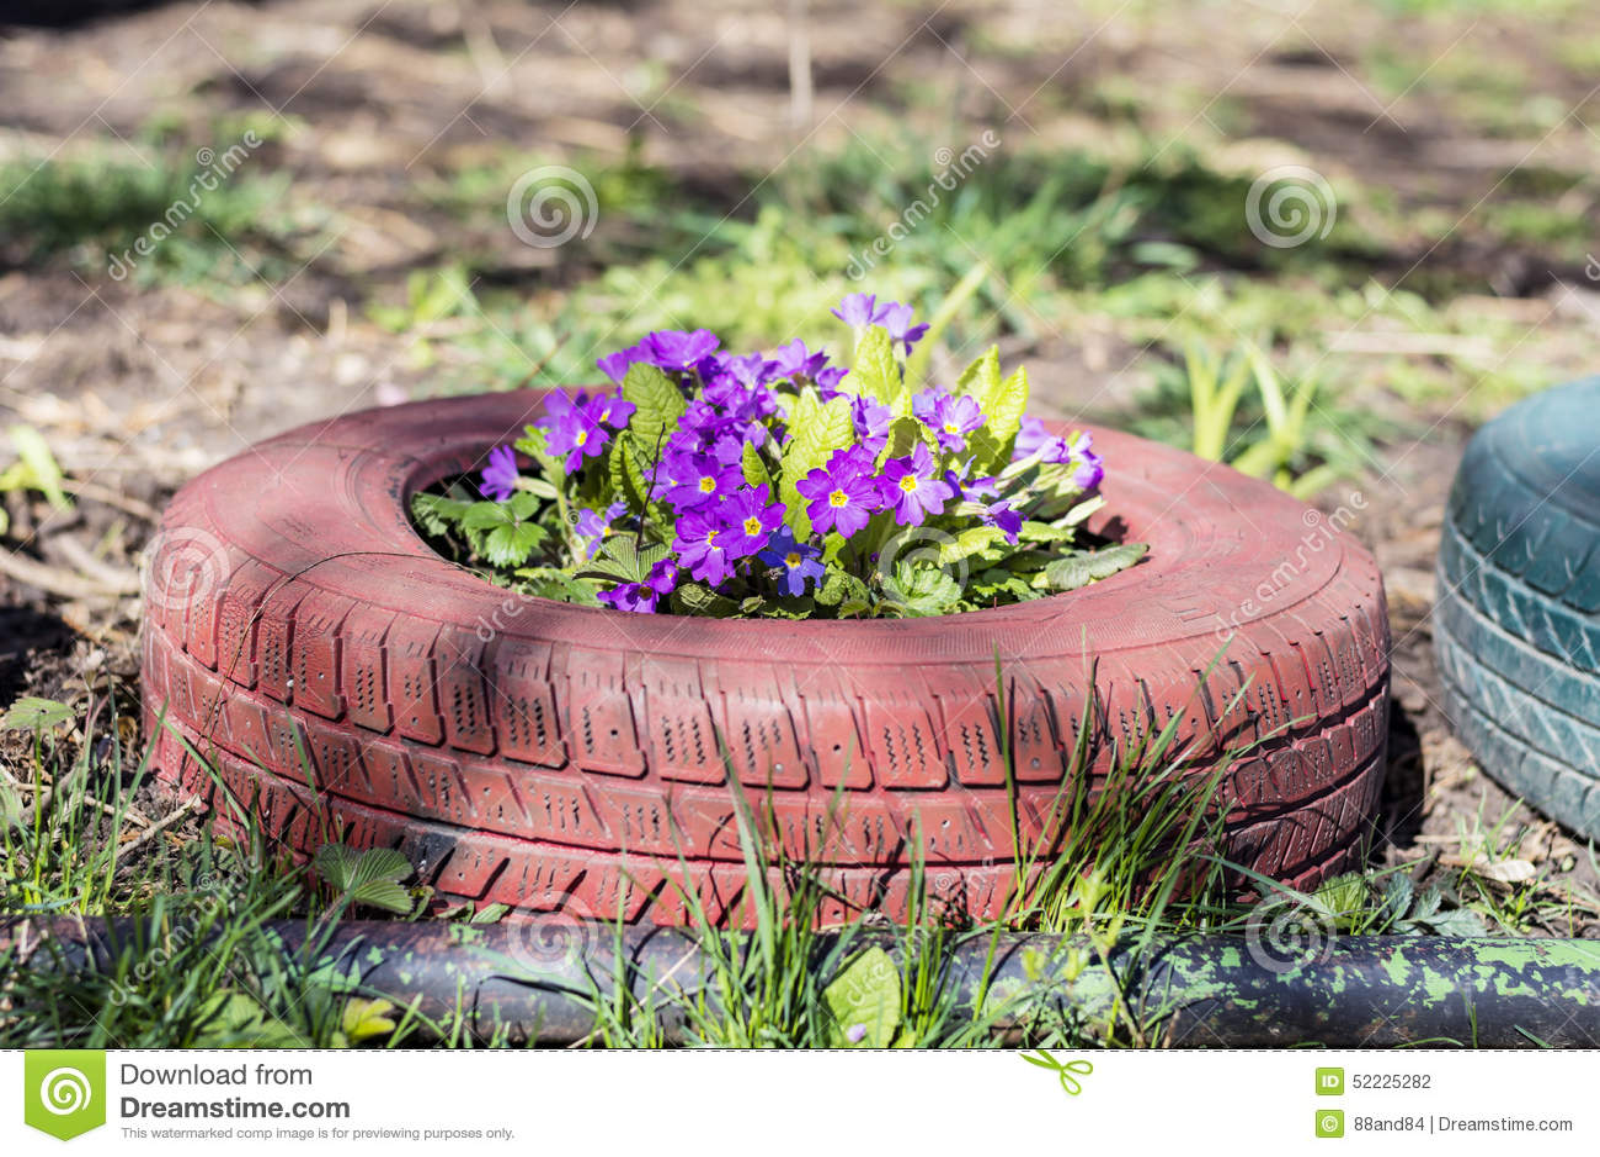 Pot De Fleur Avec Des Pneus fleurs color�es dans des pots de pneu photo stock - image du